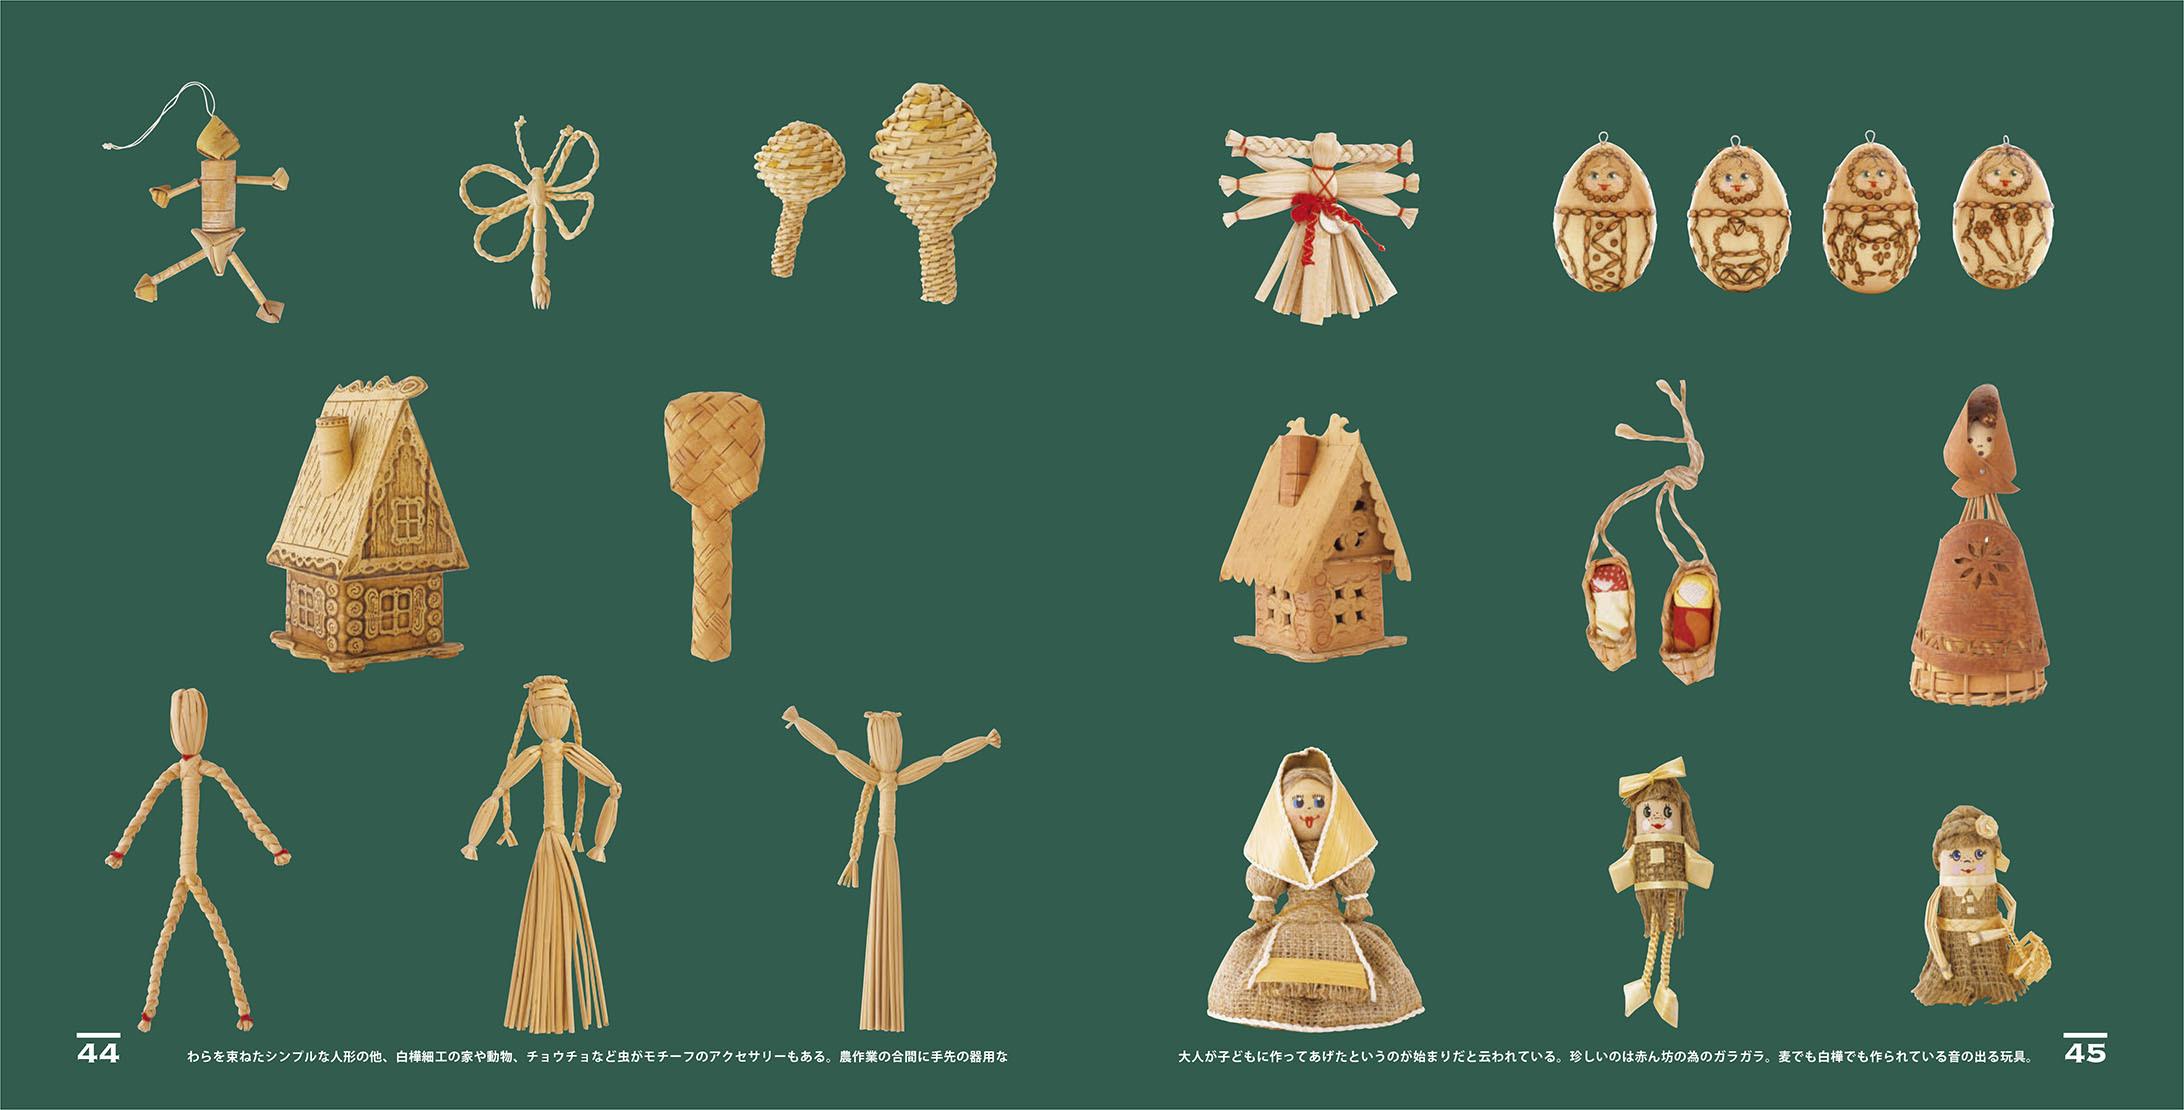 「ロシアの玩具箱」ロシアの玩具展図録